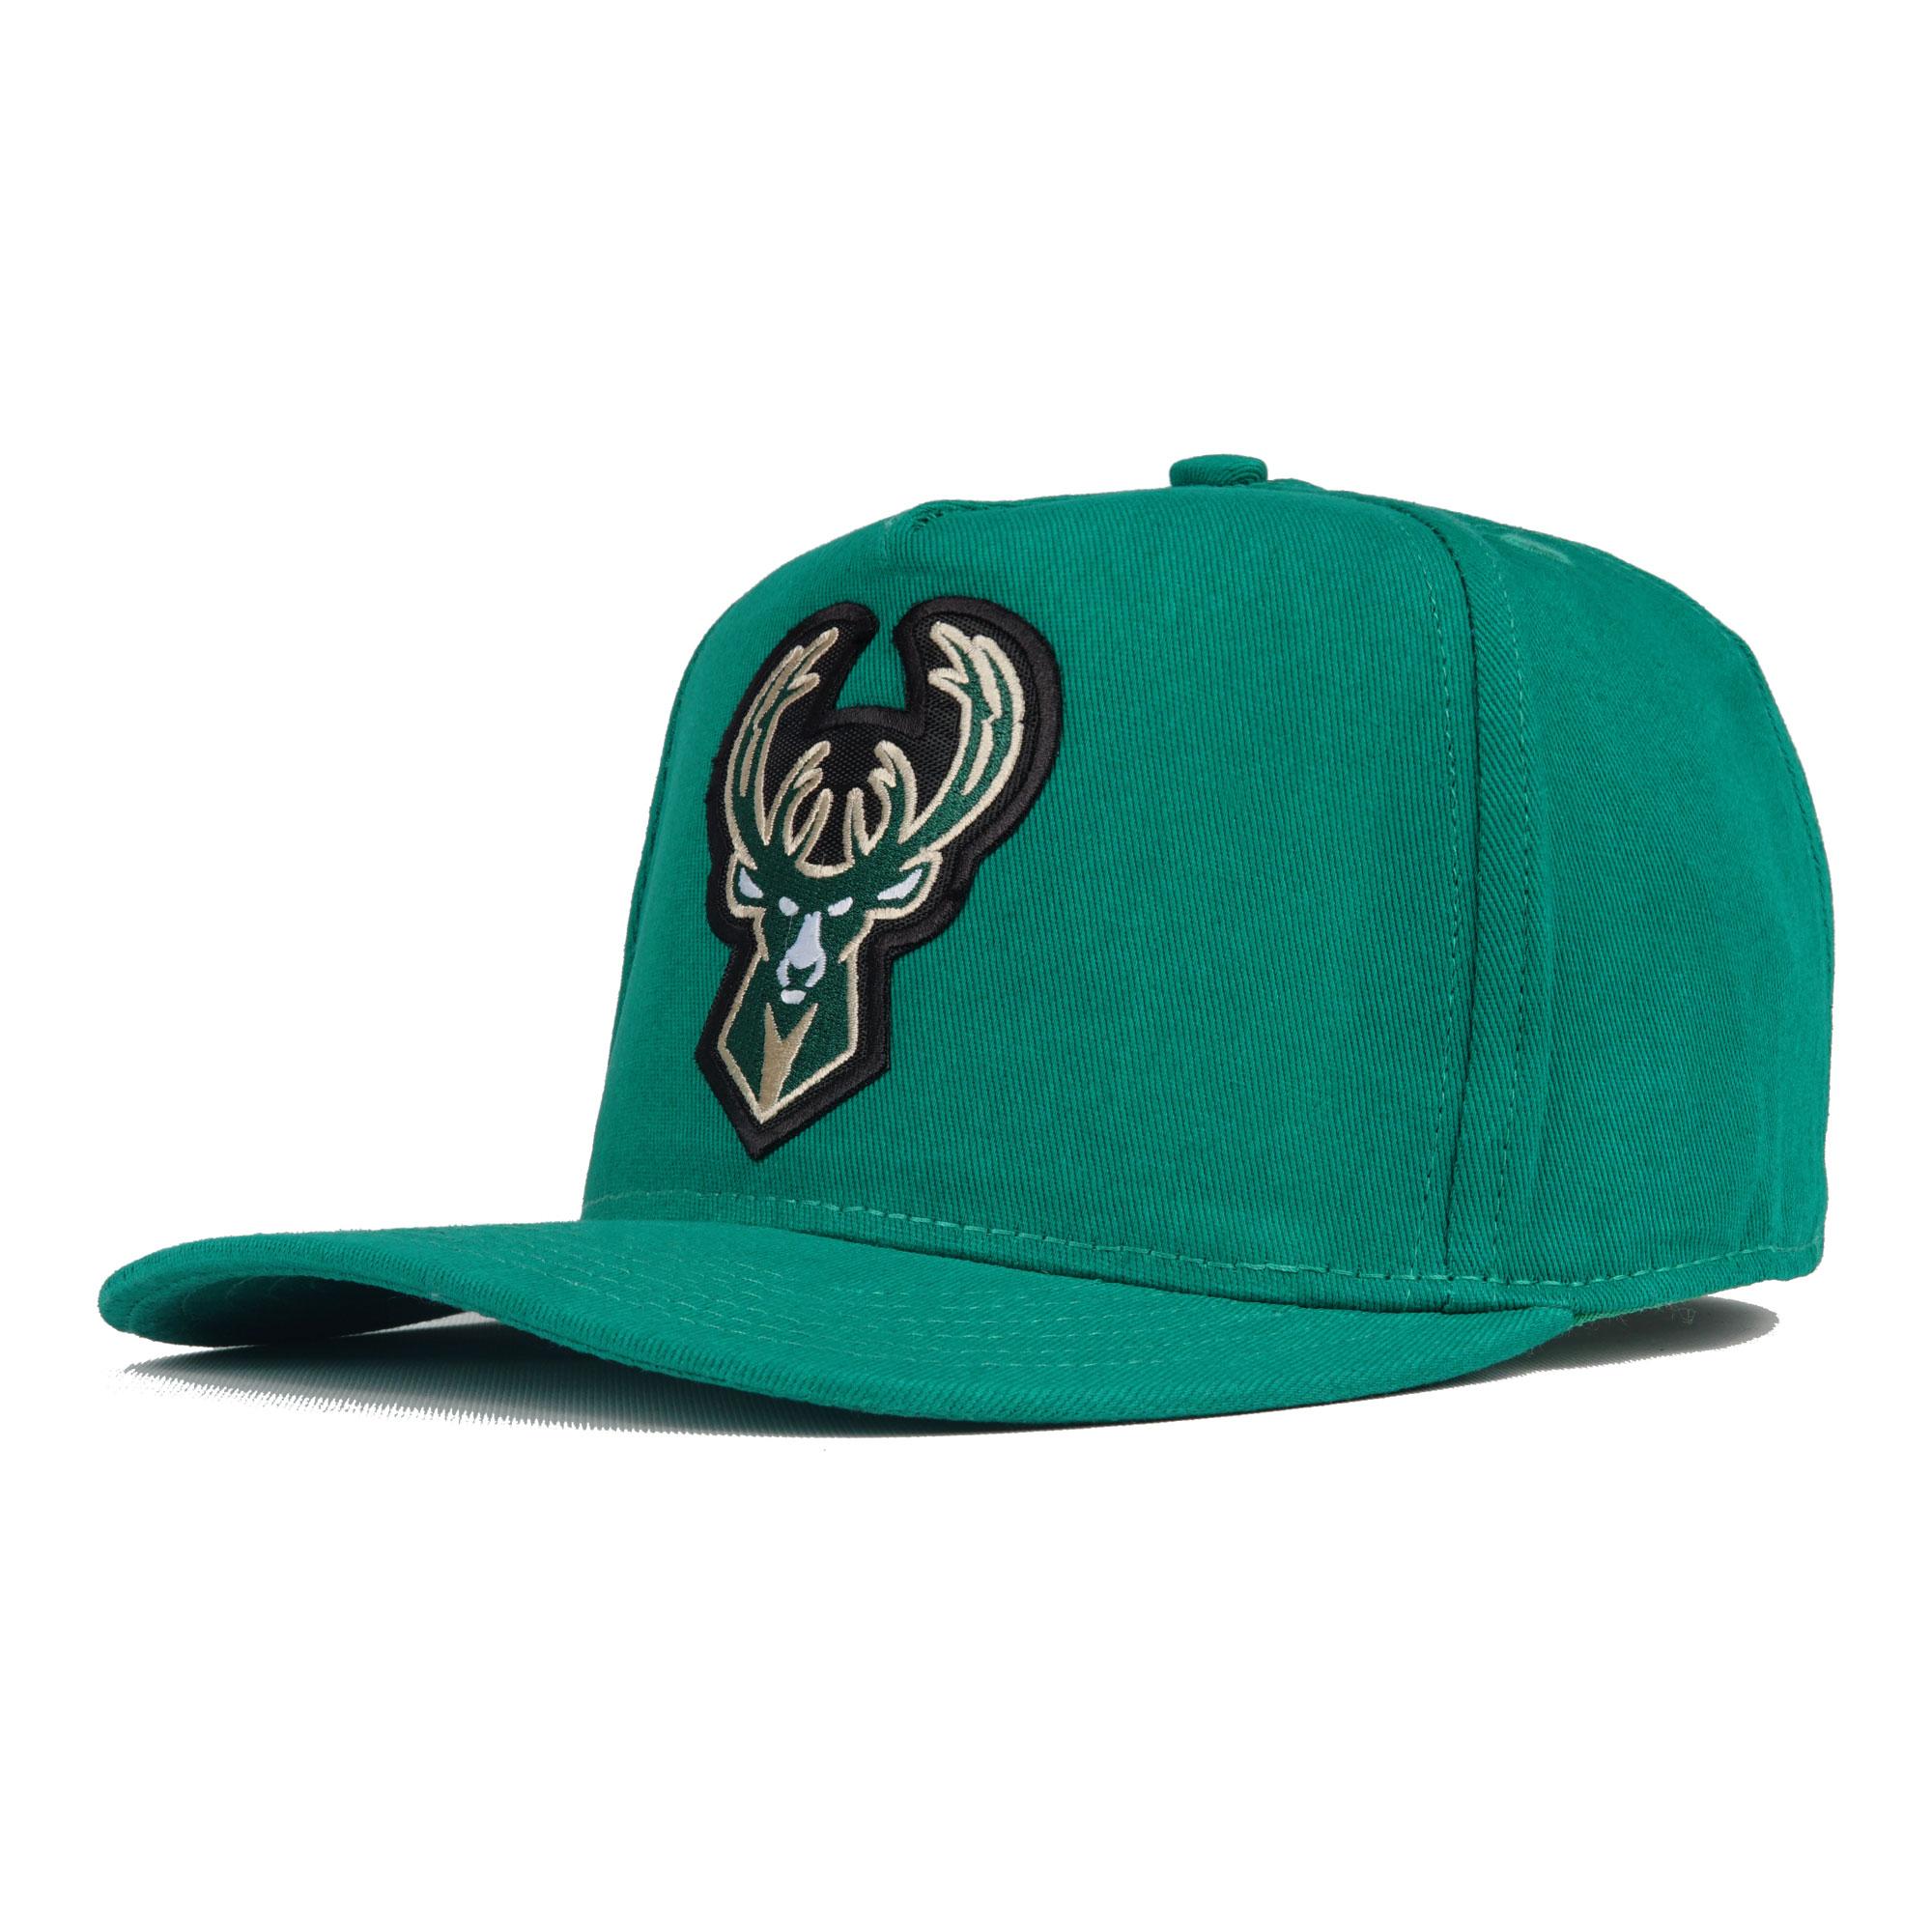 Bucks Şapka (CAP-GRN-NBA-BUCKS)